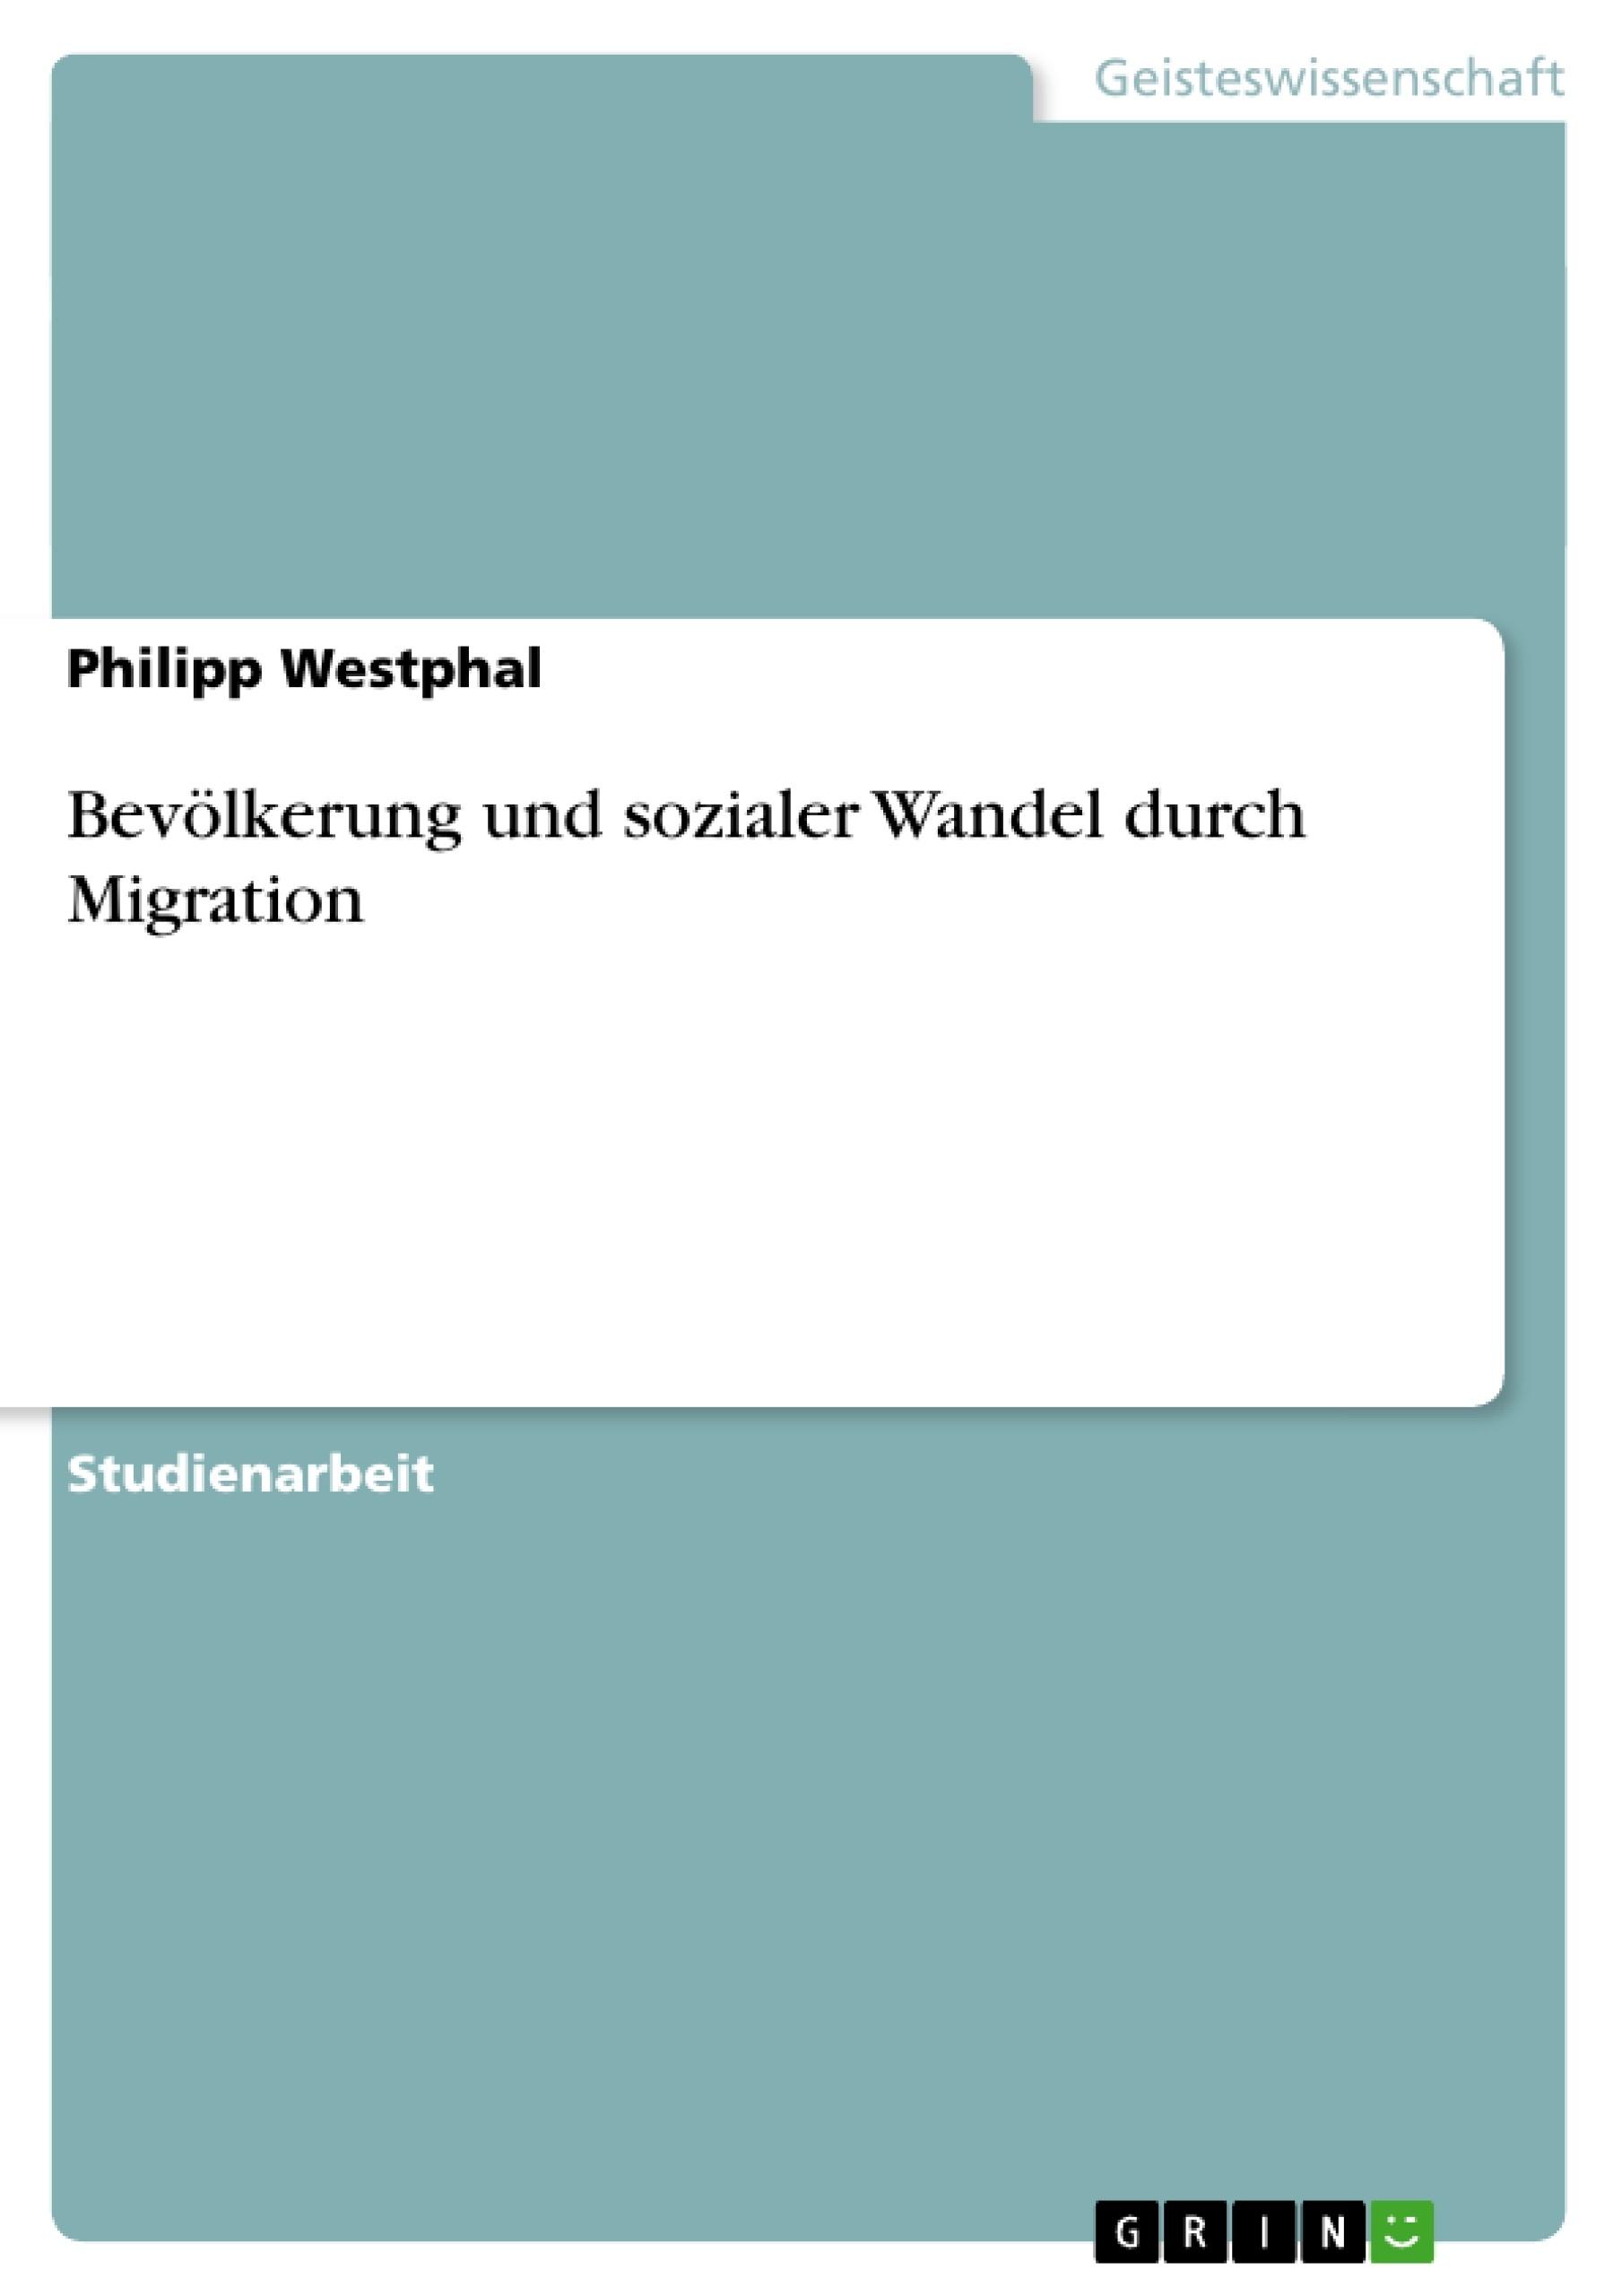 Titel: Bevölkerung und sozialer Wandel durch Migration